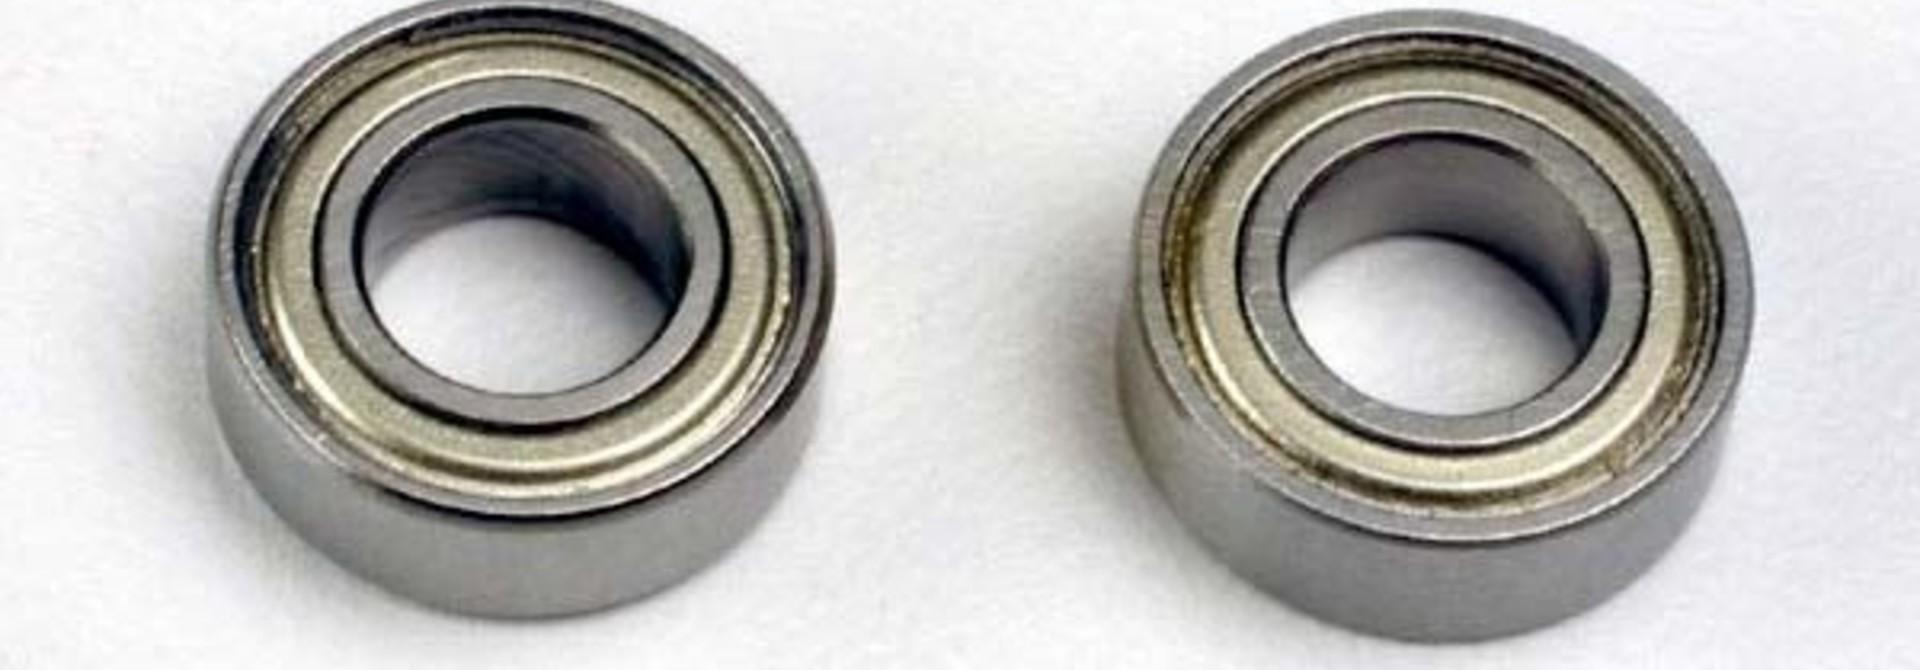 Ball bearings (6x12x4mm) (2), TRX4614